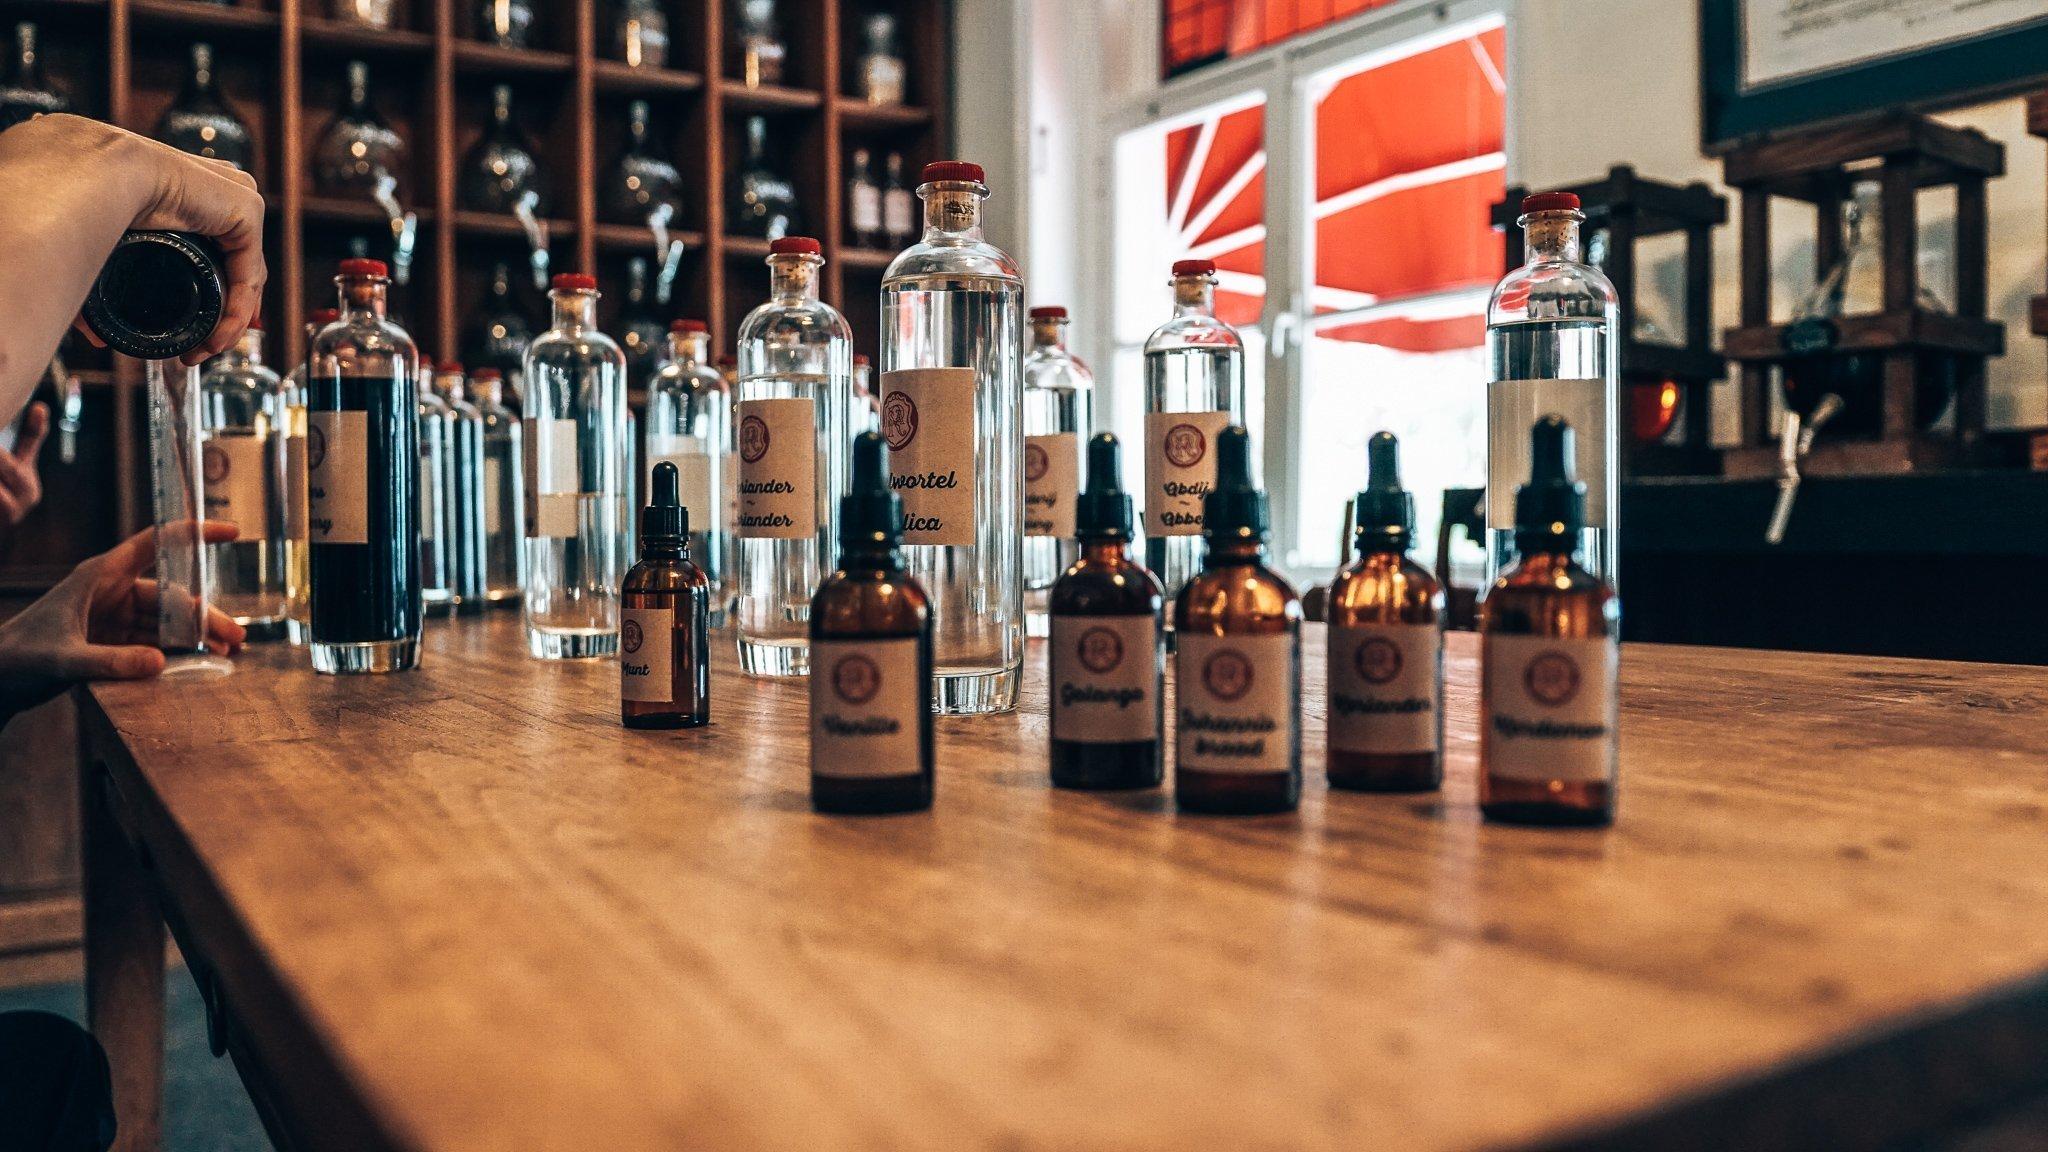 Verschillende tincturen, workshop gin maken, Distilleerderij Rutte, Alles over gin.